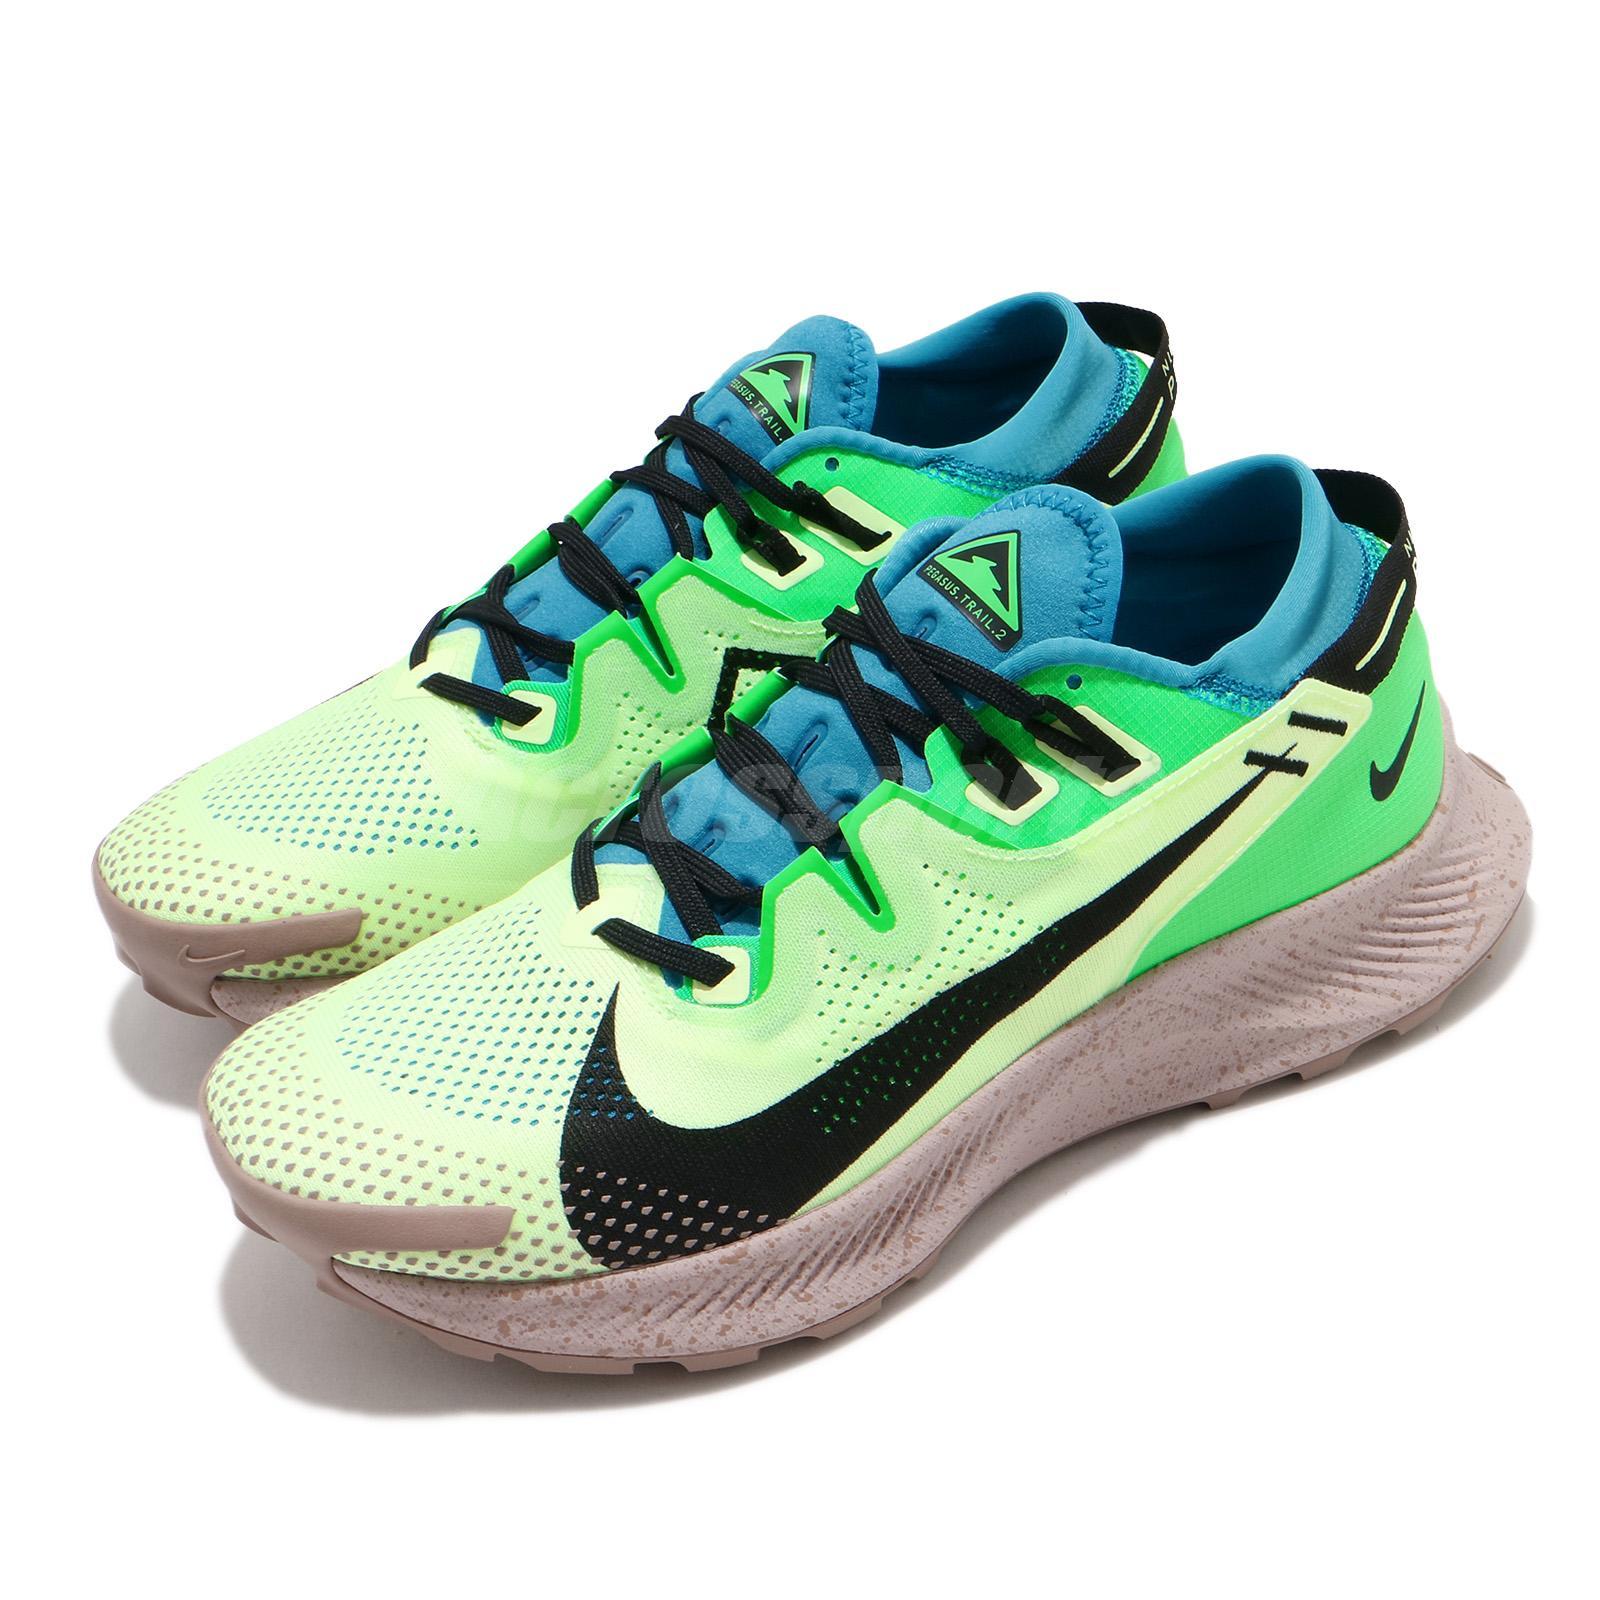 rodar Clínica esposa  Nike Pegasus Trail 2 voltios apenas Láser Negro Azul Hombres Para Zapatos  Correr CK4305-700   eBay